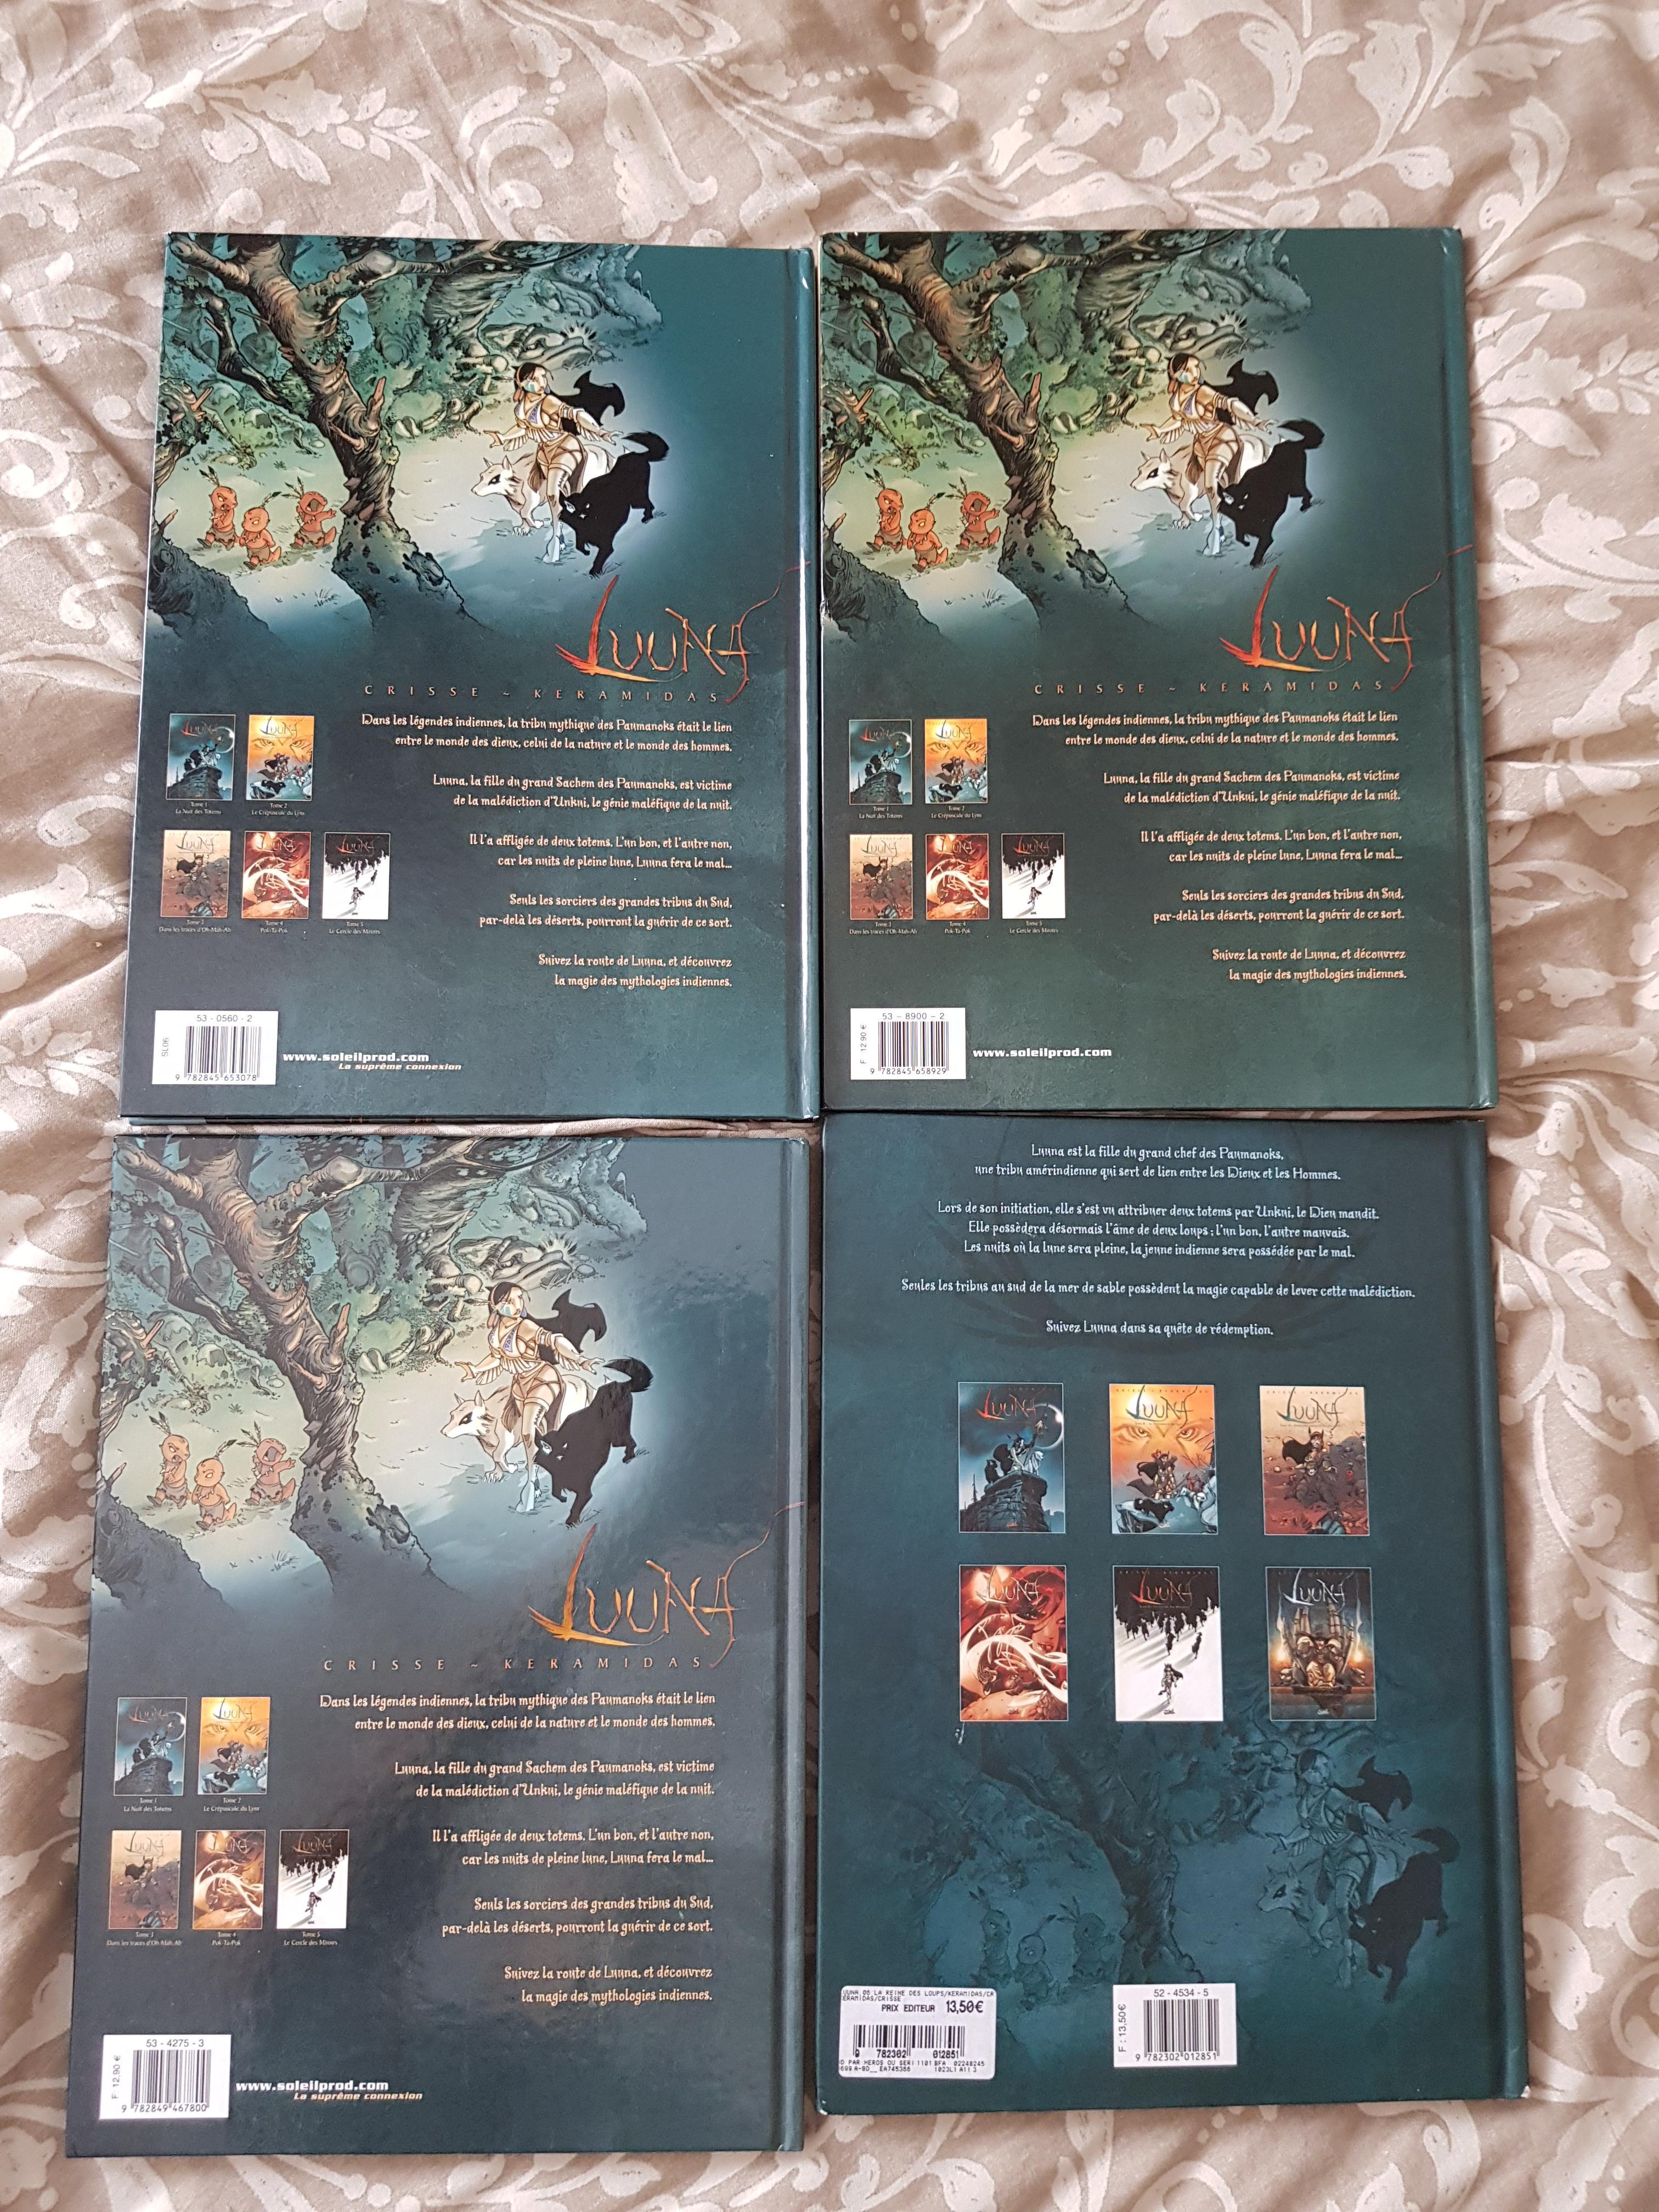 troc de troc luuna tomes 1, 3, 5 et 6 image 1